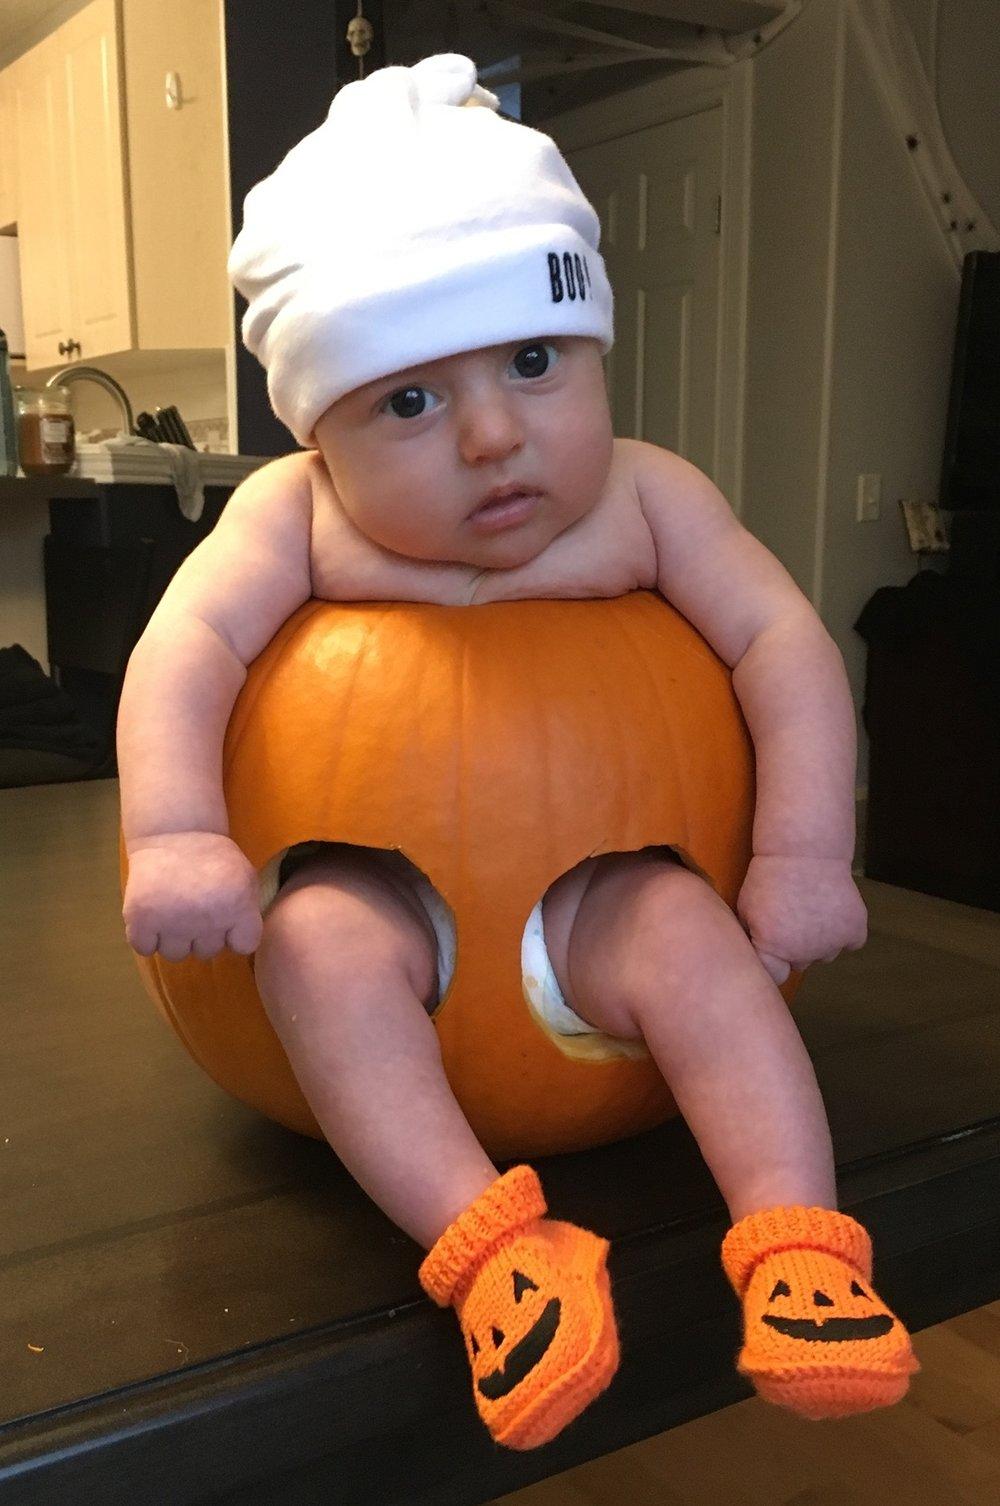 Baby Bird in a pumpkin